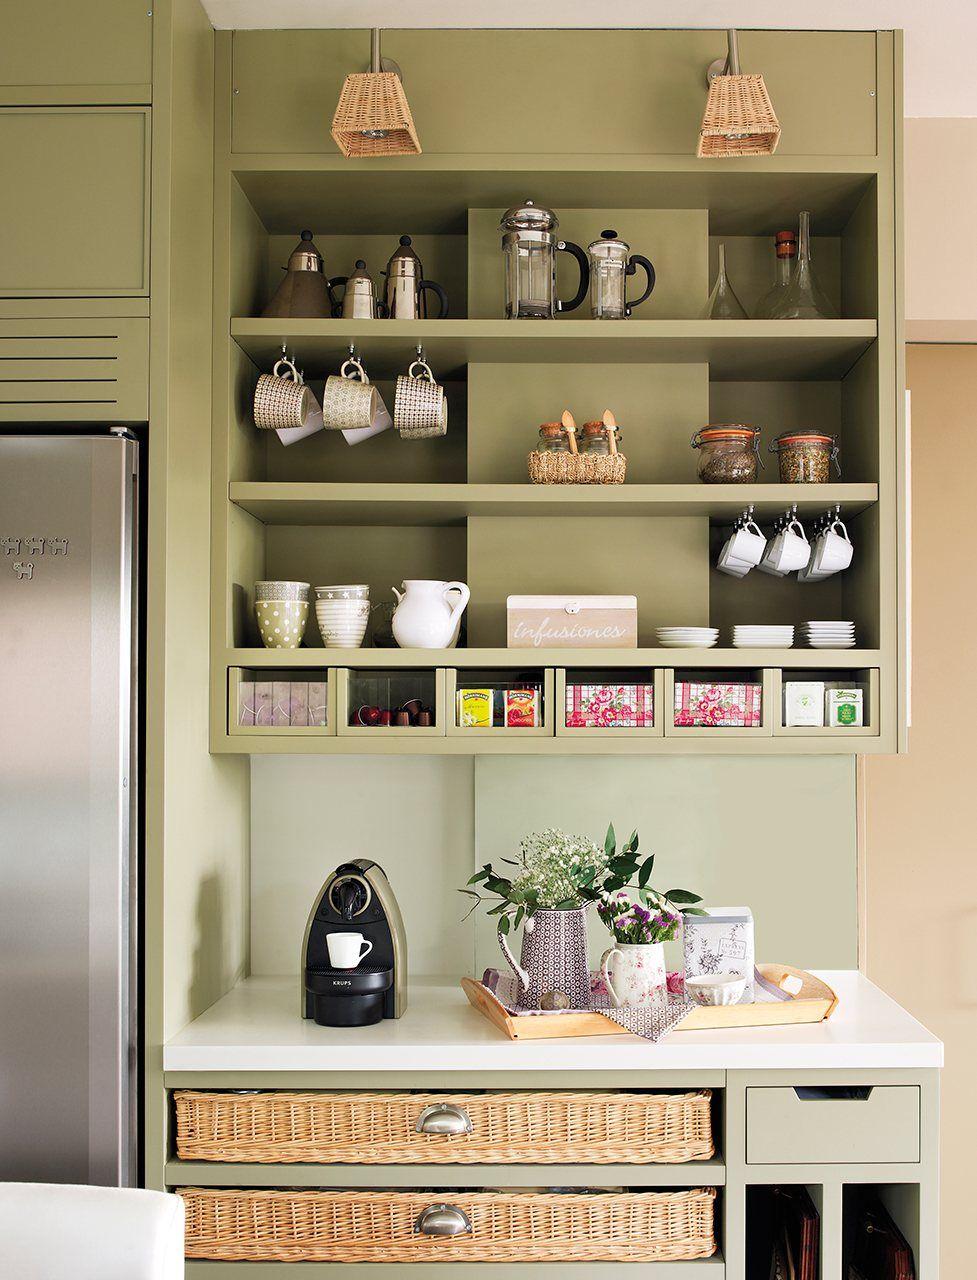 Organiza la cocina y tenlo todo a mano cocinas kitchens pinterest cocinas muebles de - Mueble para la cocina ...